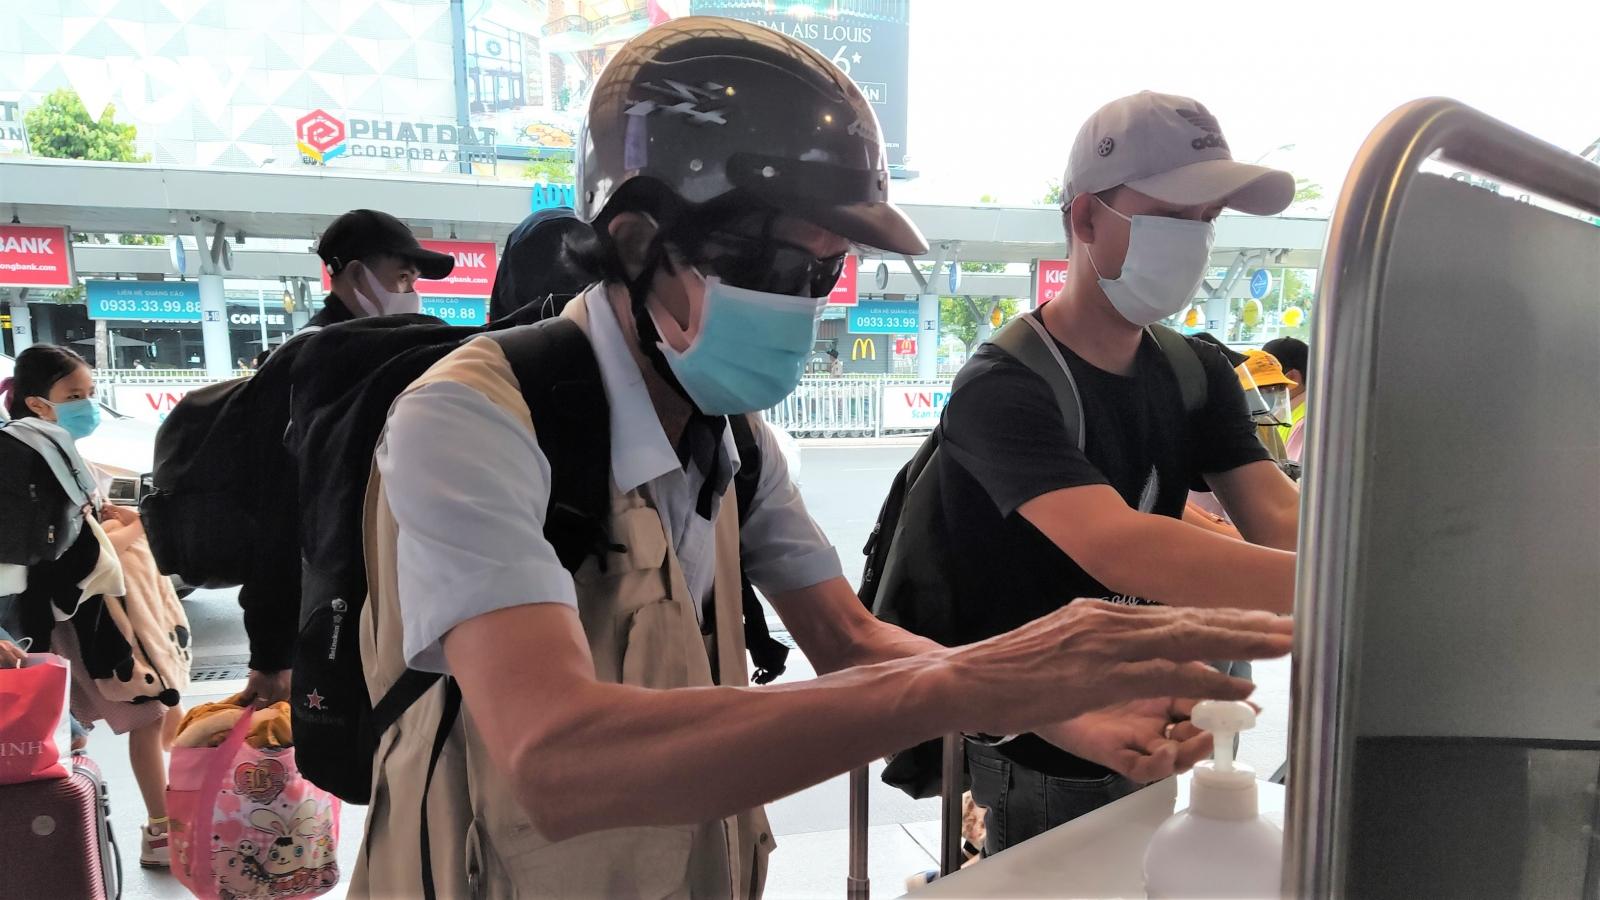 4 trường hợp nghi nhiễm SARS-CoV-2 cùng làm việc với BN1979 tại sân bay Tân Sơn Nhất